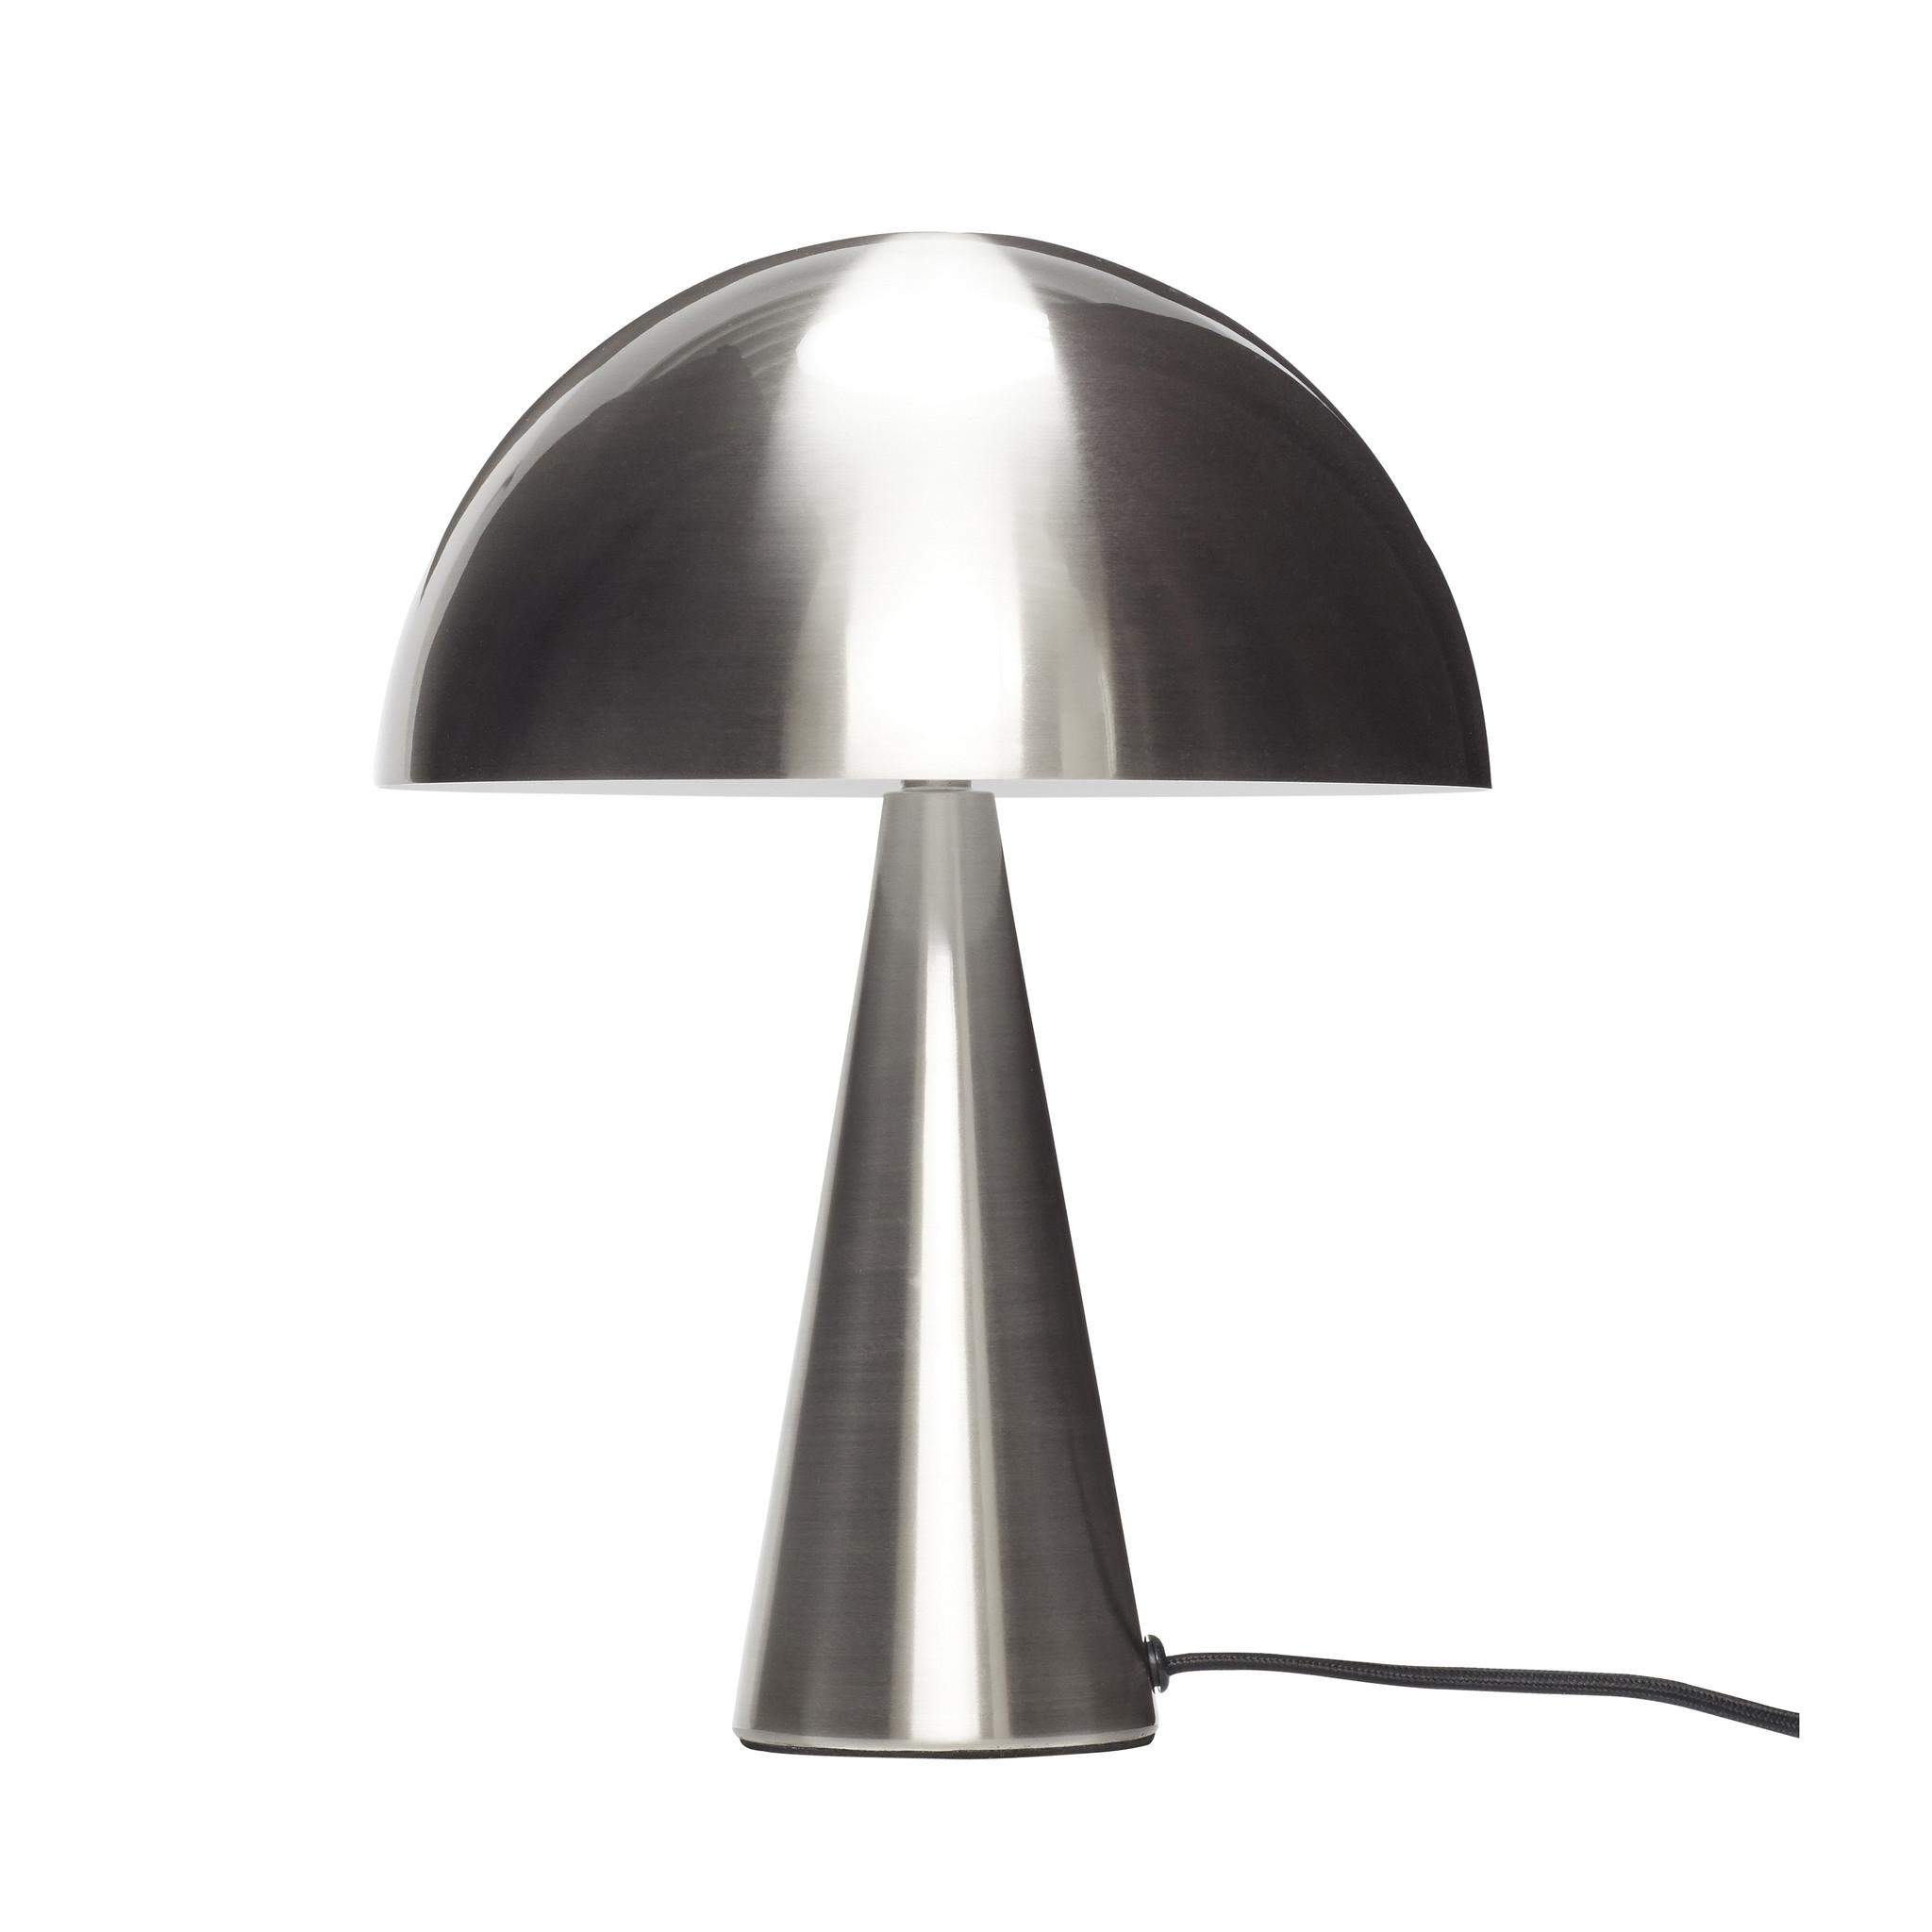 Hubsch Tafellamp metaal/nikkel klein-991109-5712772072578